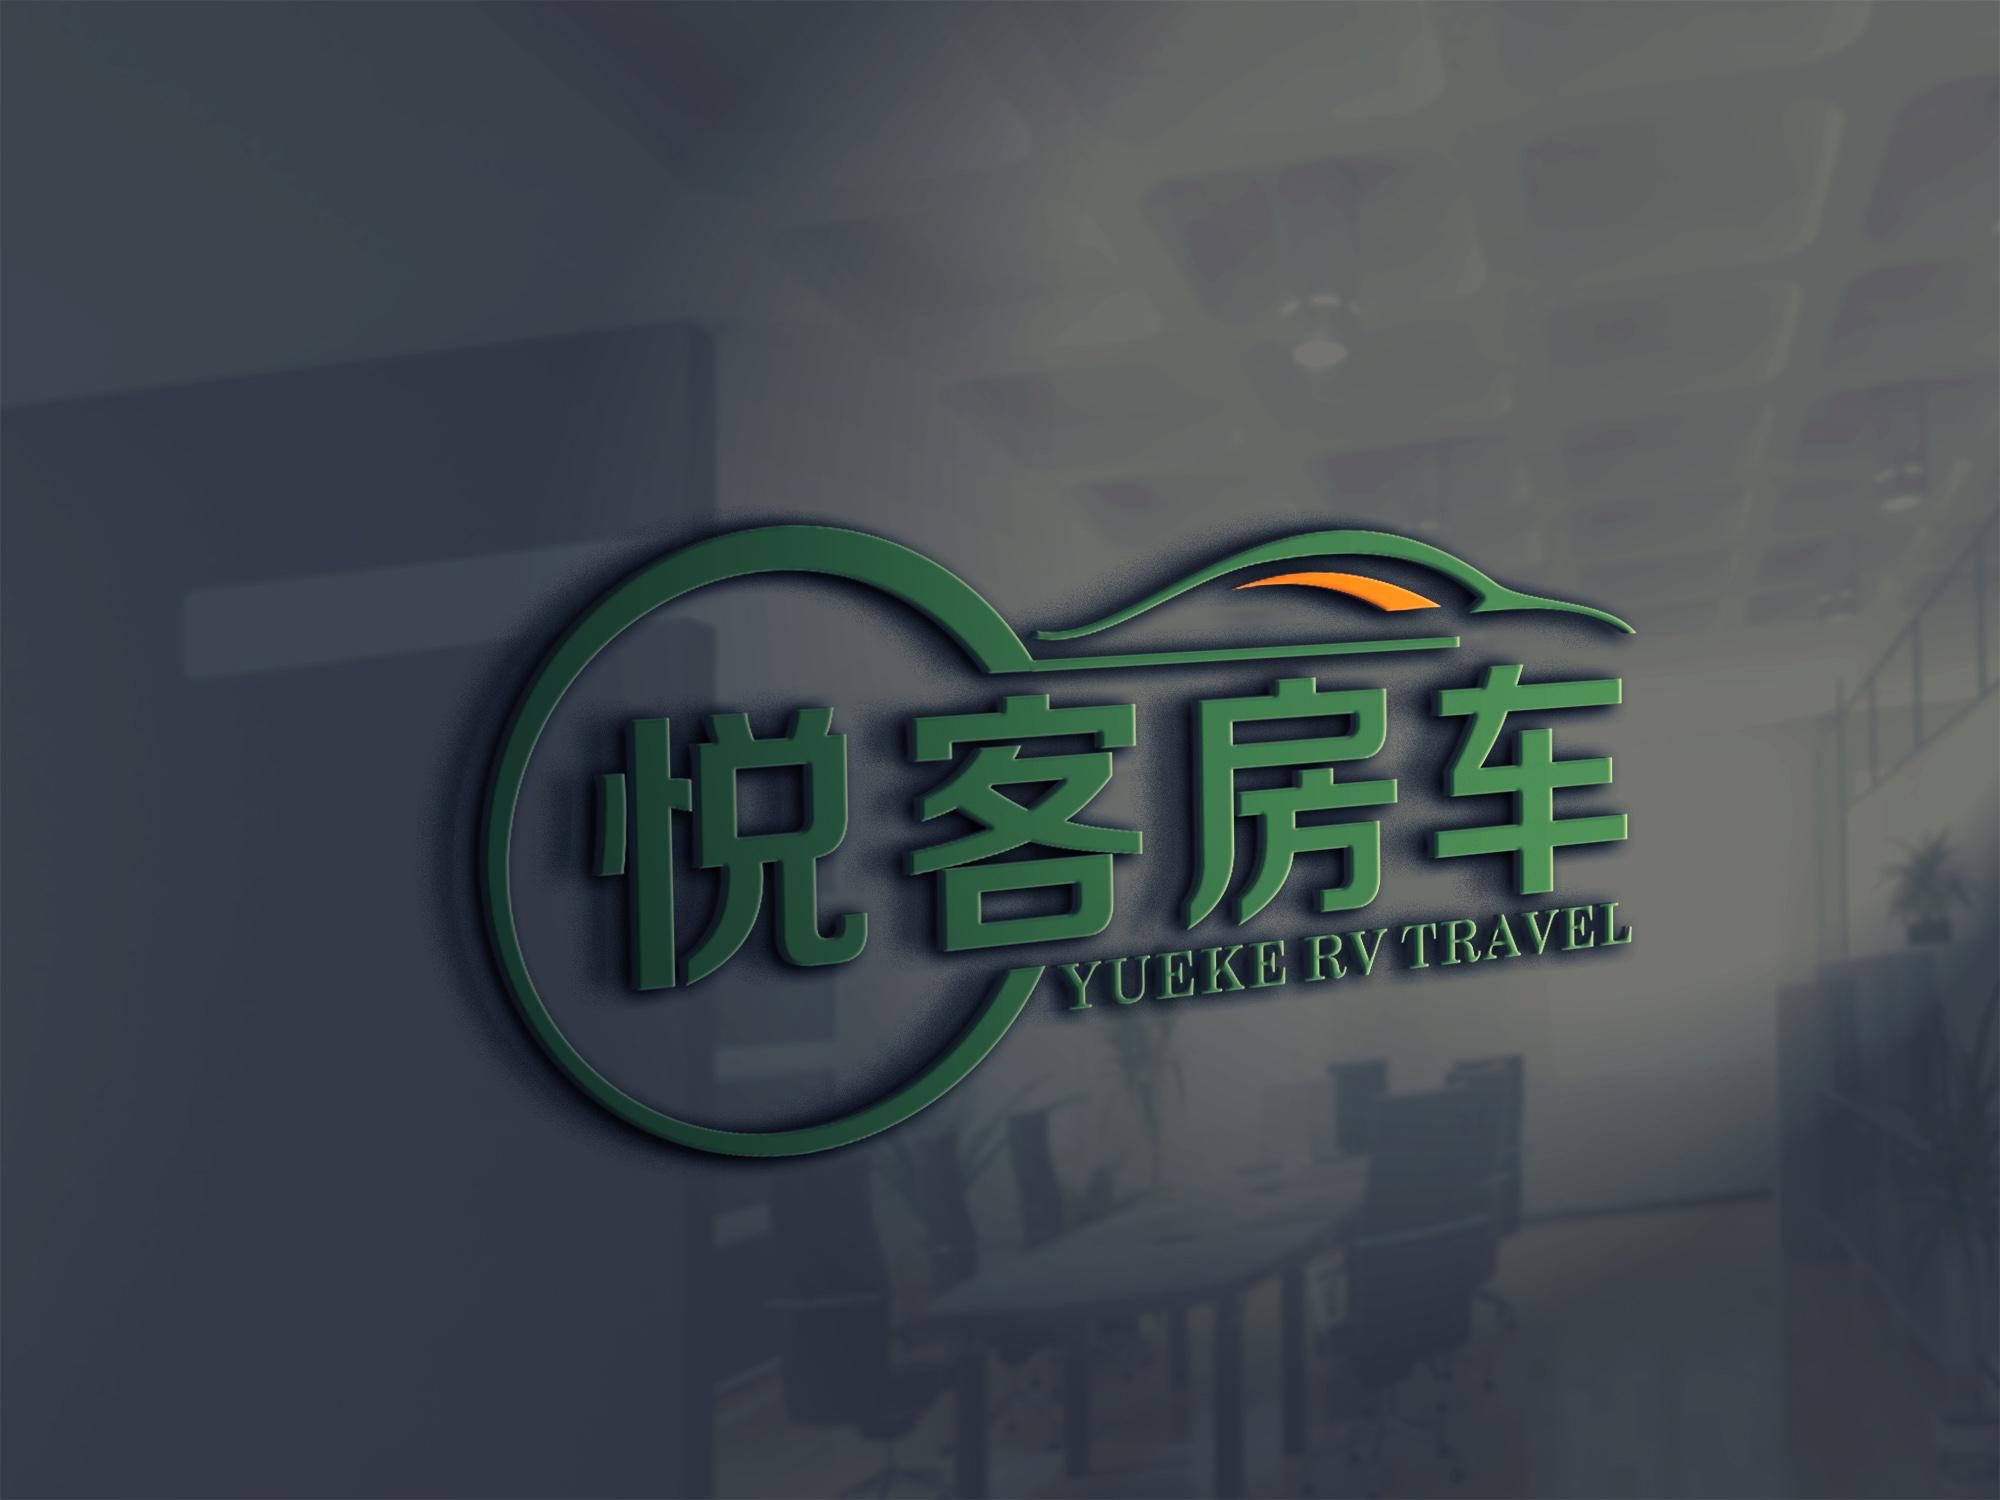 房车营地logo设计_2964100_k68威客网